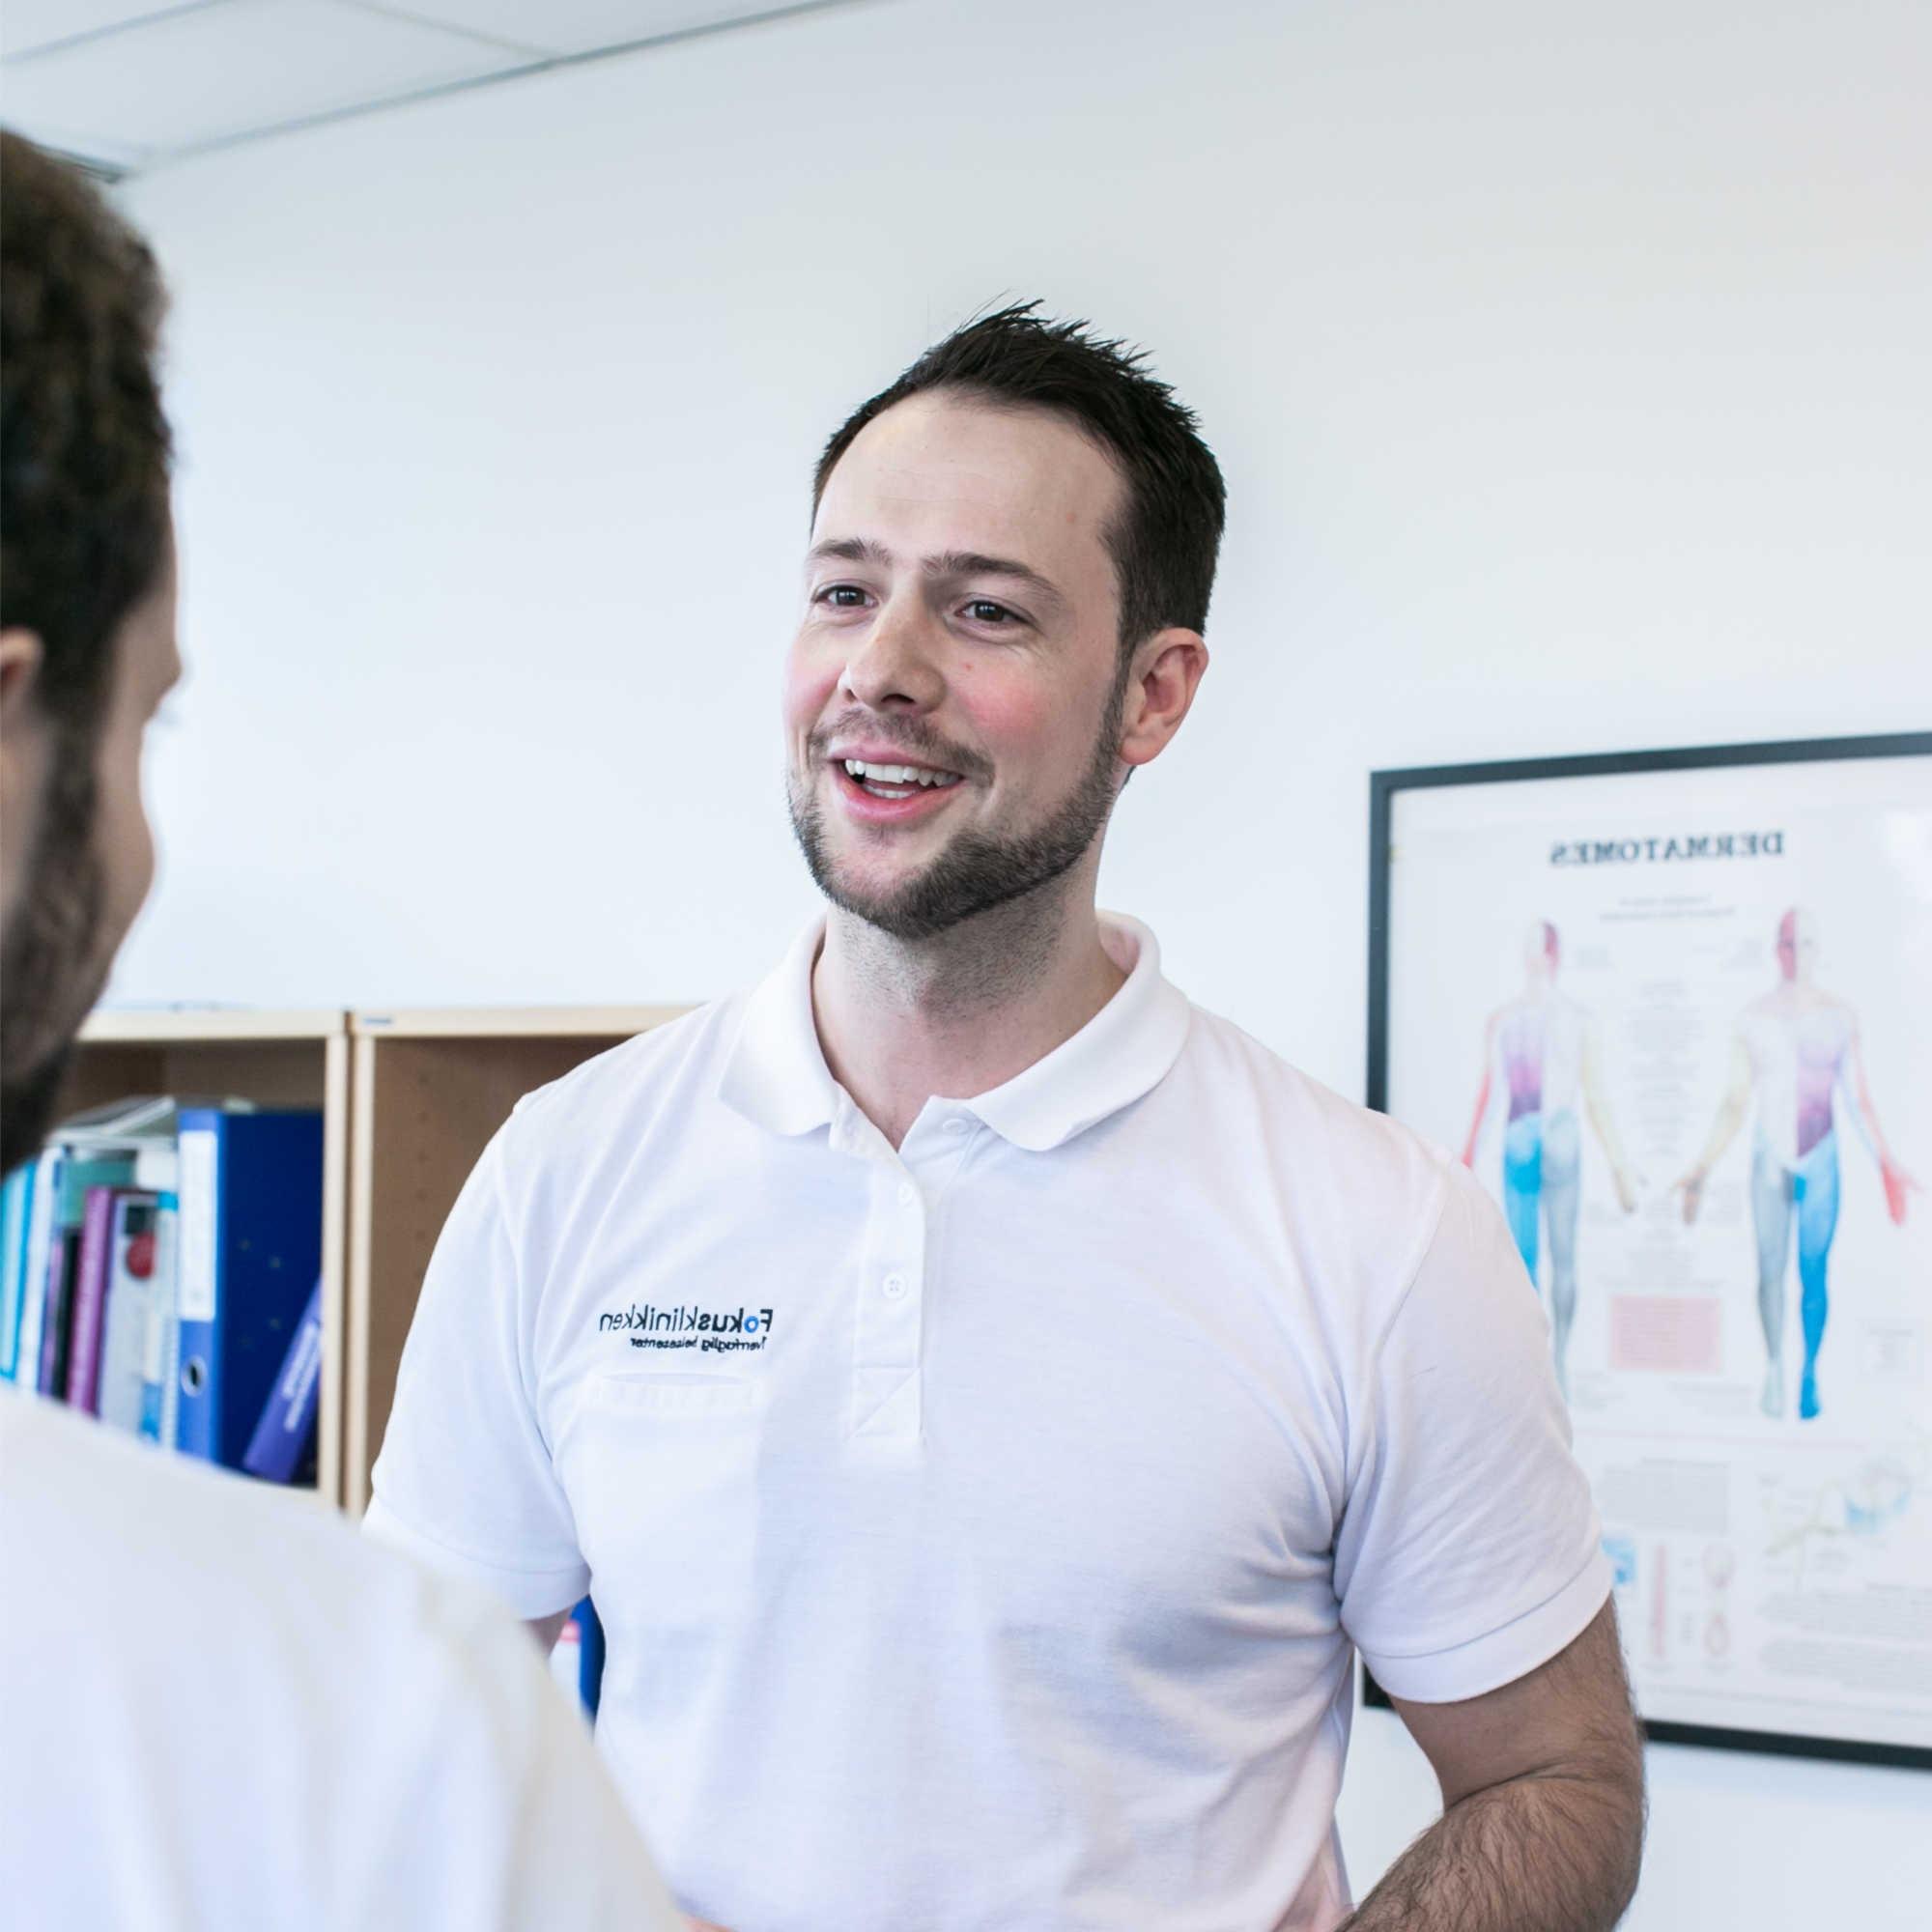 Fysioterapeut Troels på Fokusklinikken kan hjelpe deg med trening og behandling.